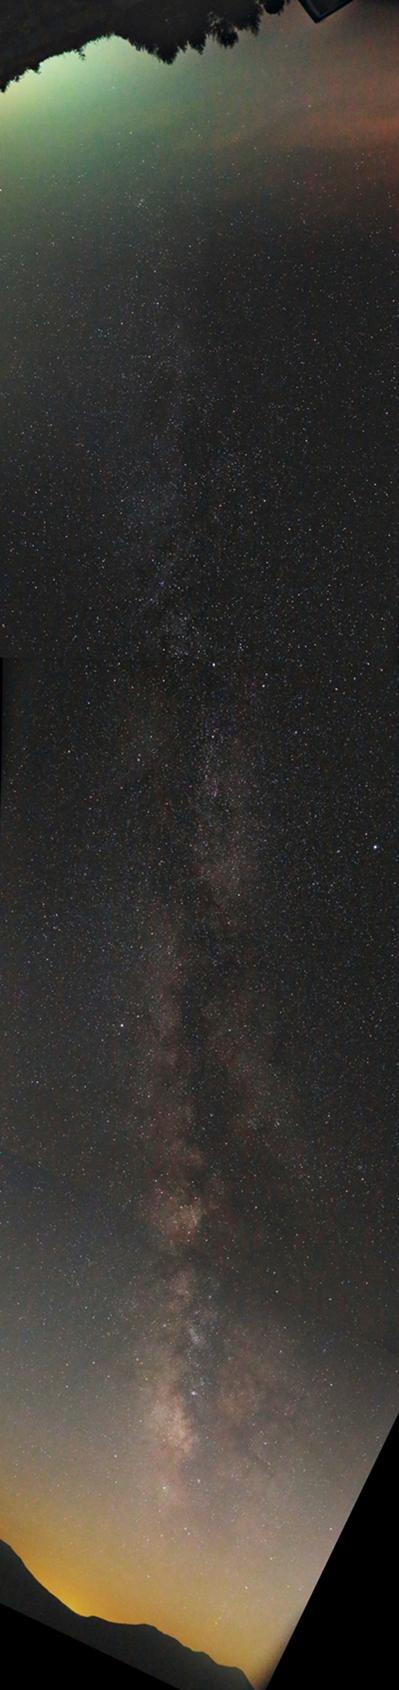 IMG_0415-19-30-fst.jpg